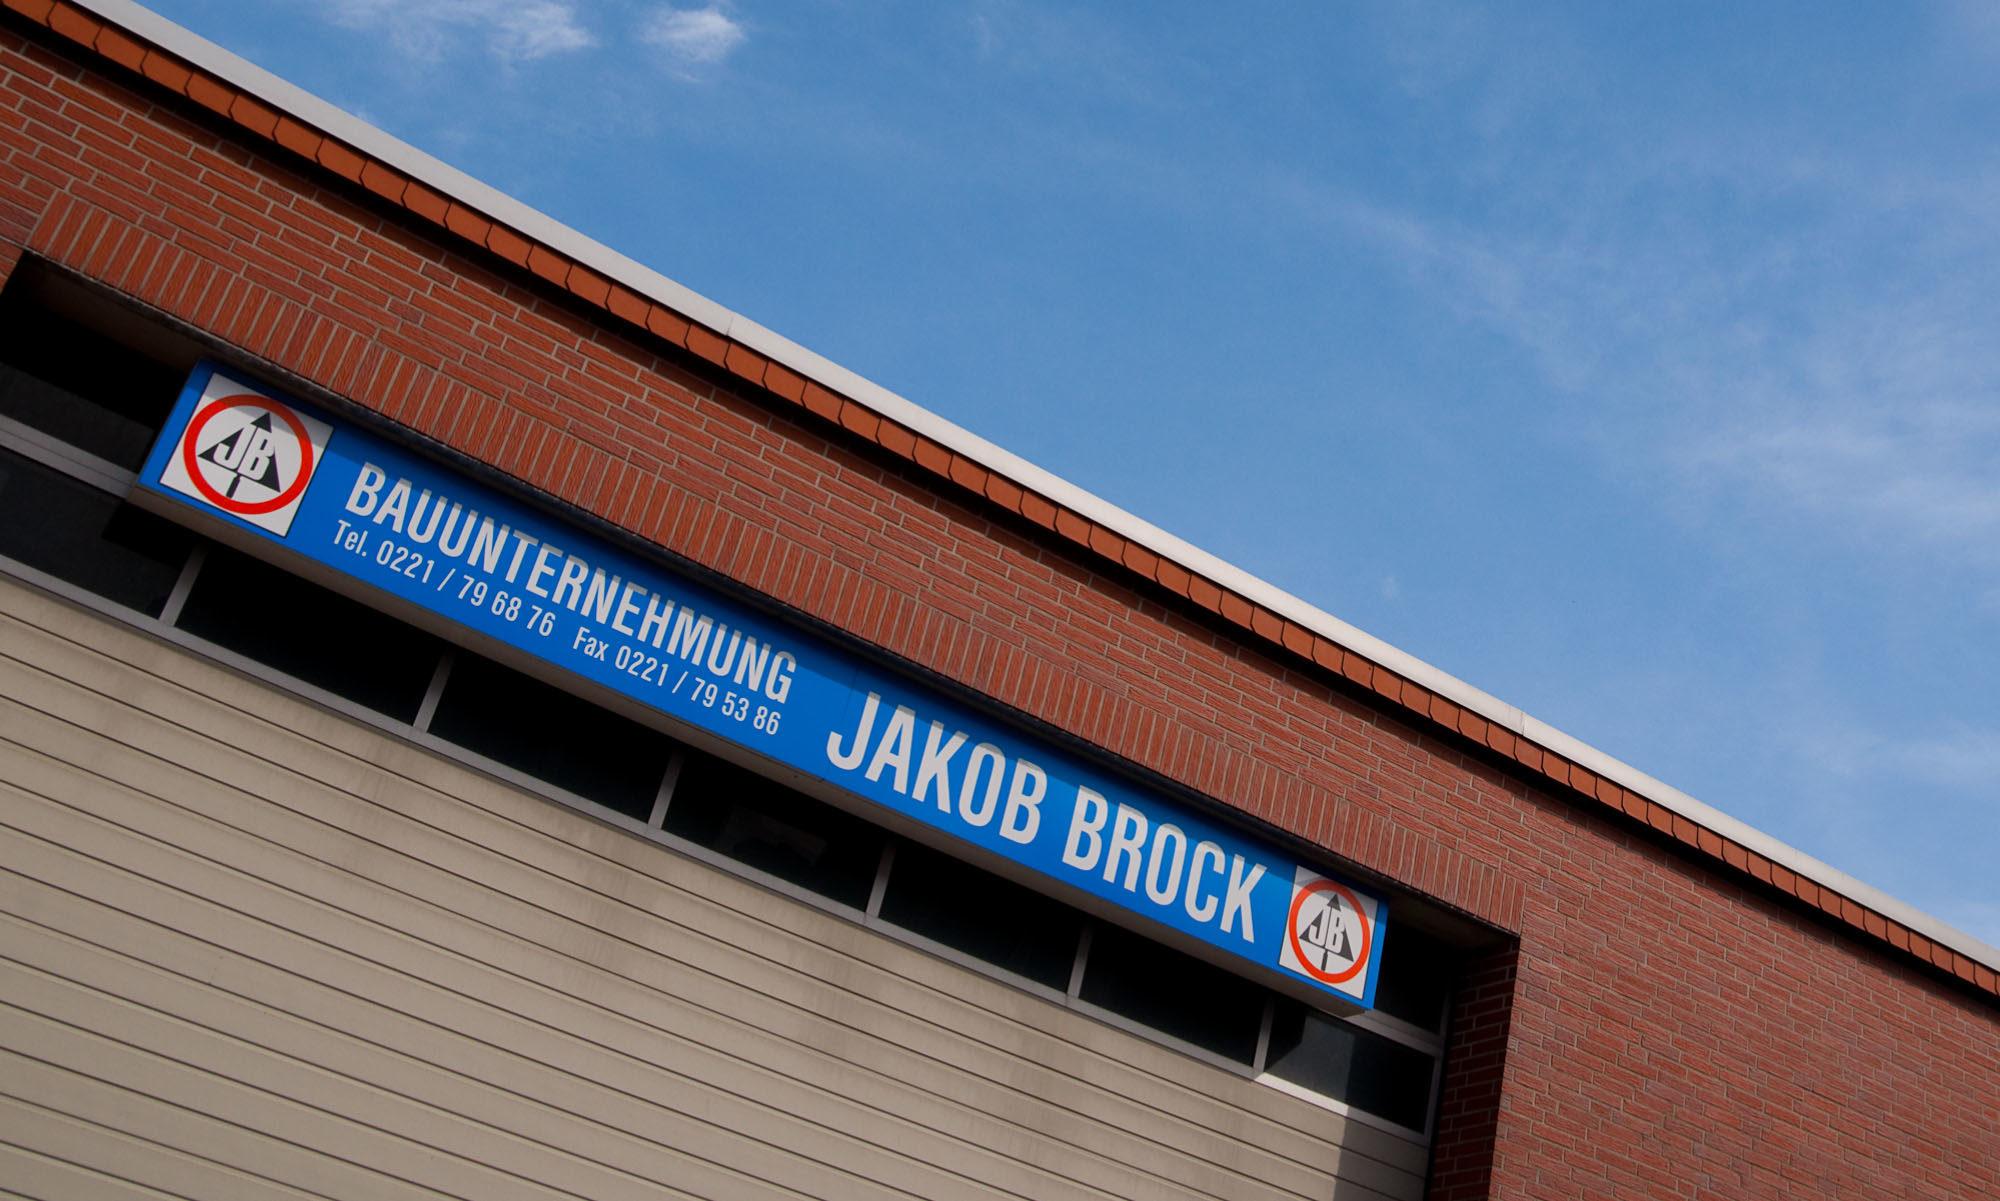 Bauunternehmung Jakob Brock